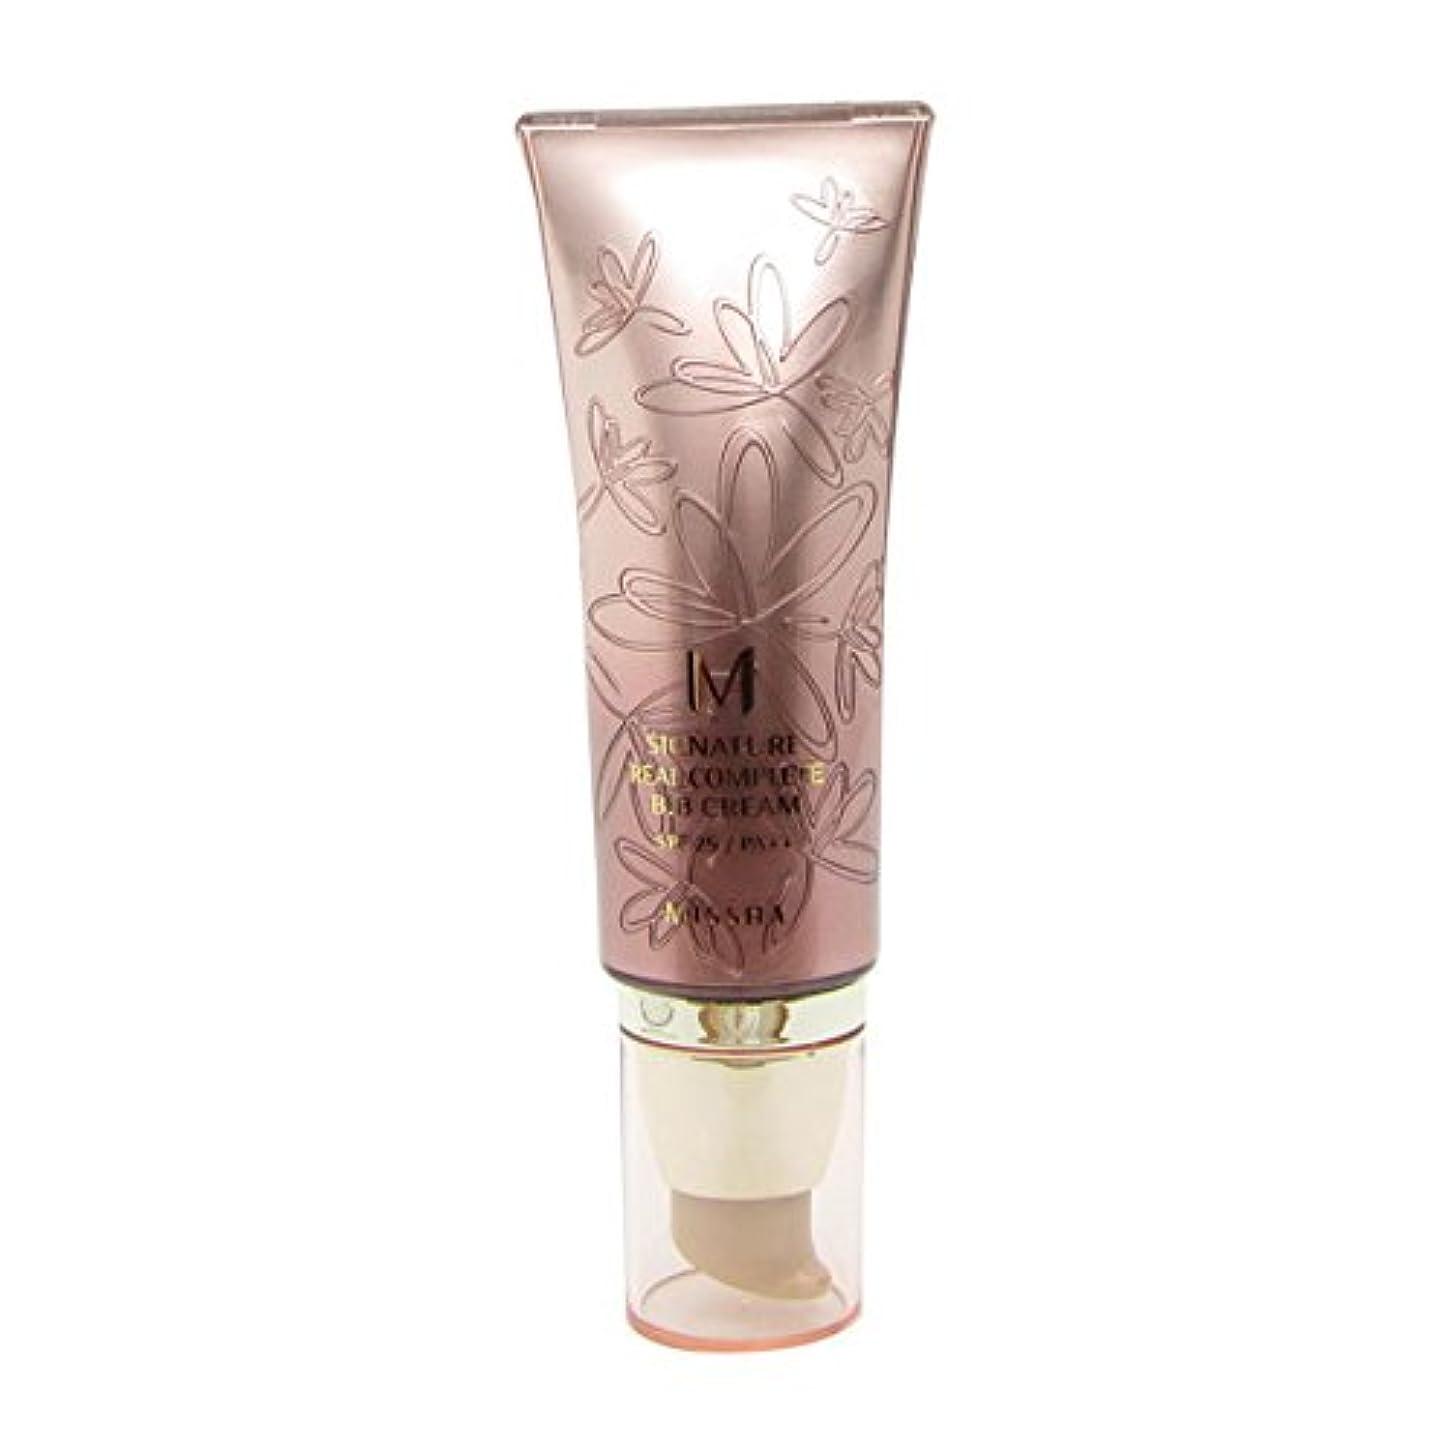 グリーンランド明日浸透するMissha Signature Real Complete Bb Cream Fps25/pa++ No.13 Light Milky Beige 45g [並行輸入品]